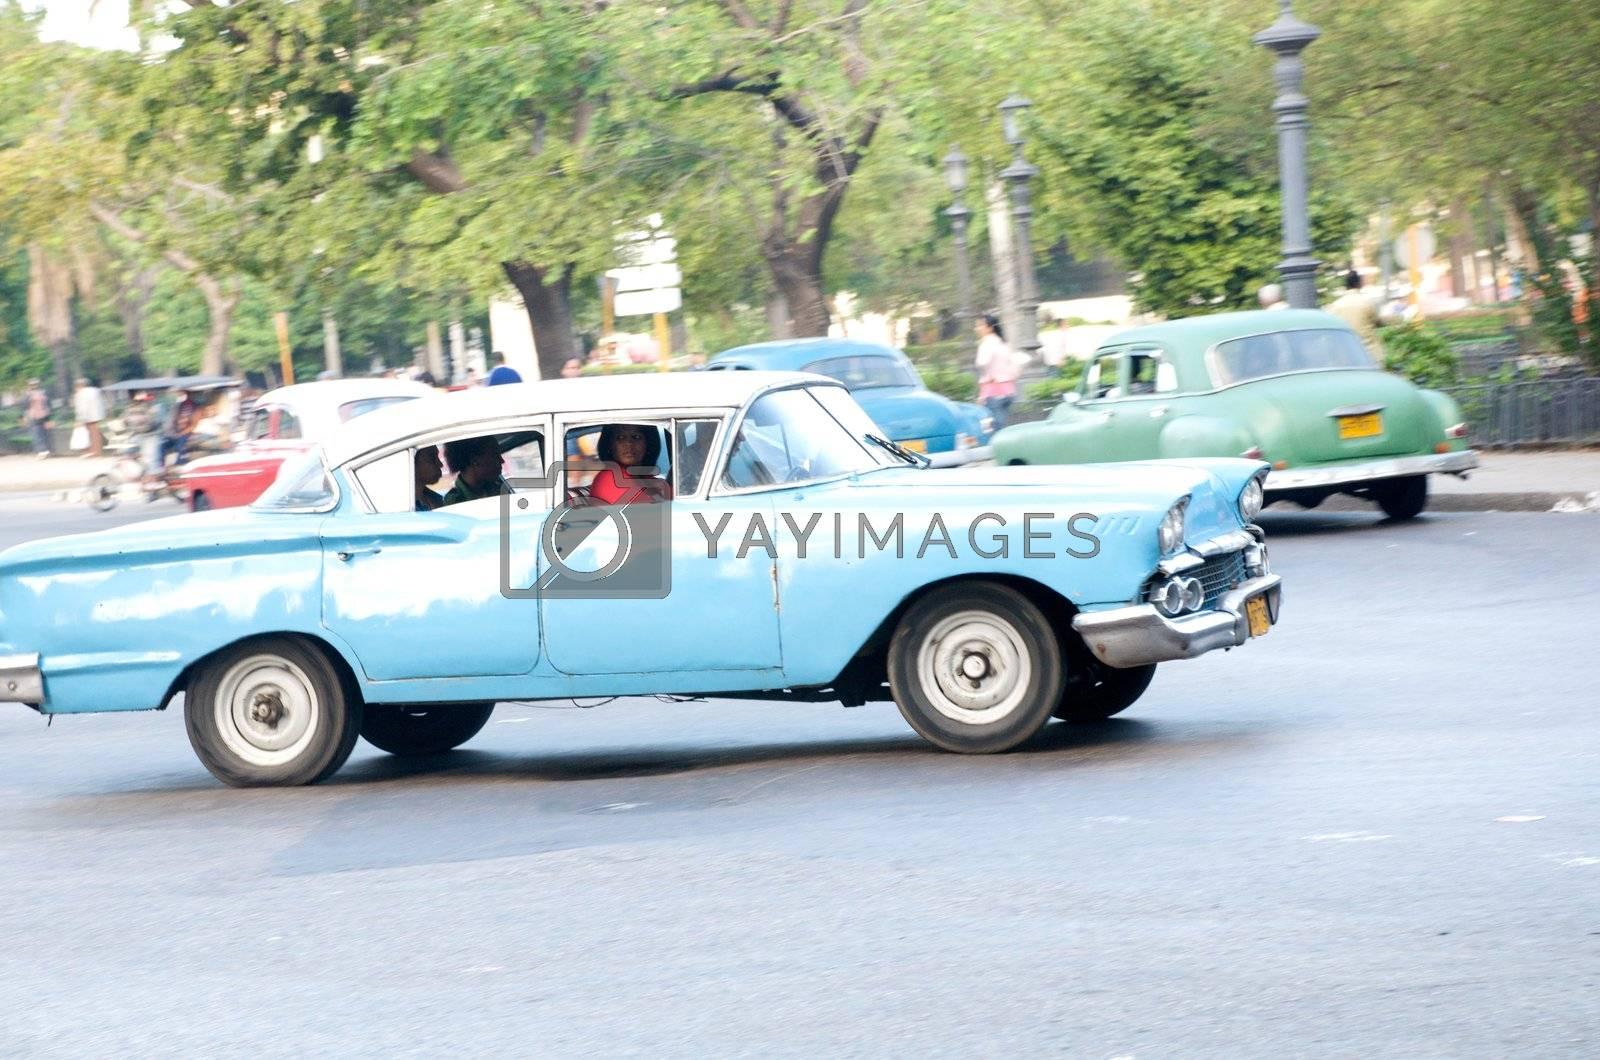 Street scenes of Havana, Cuba